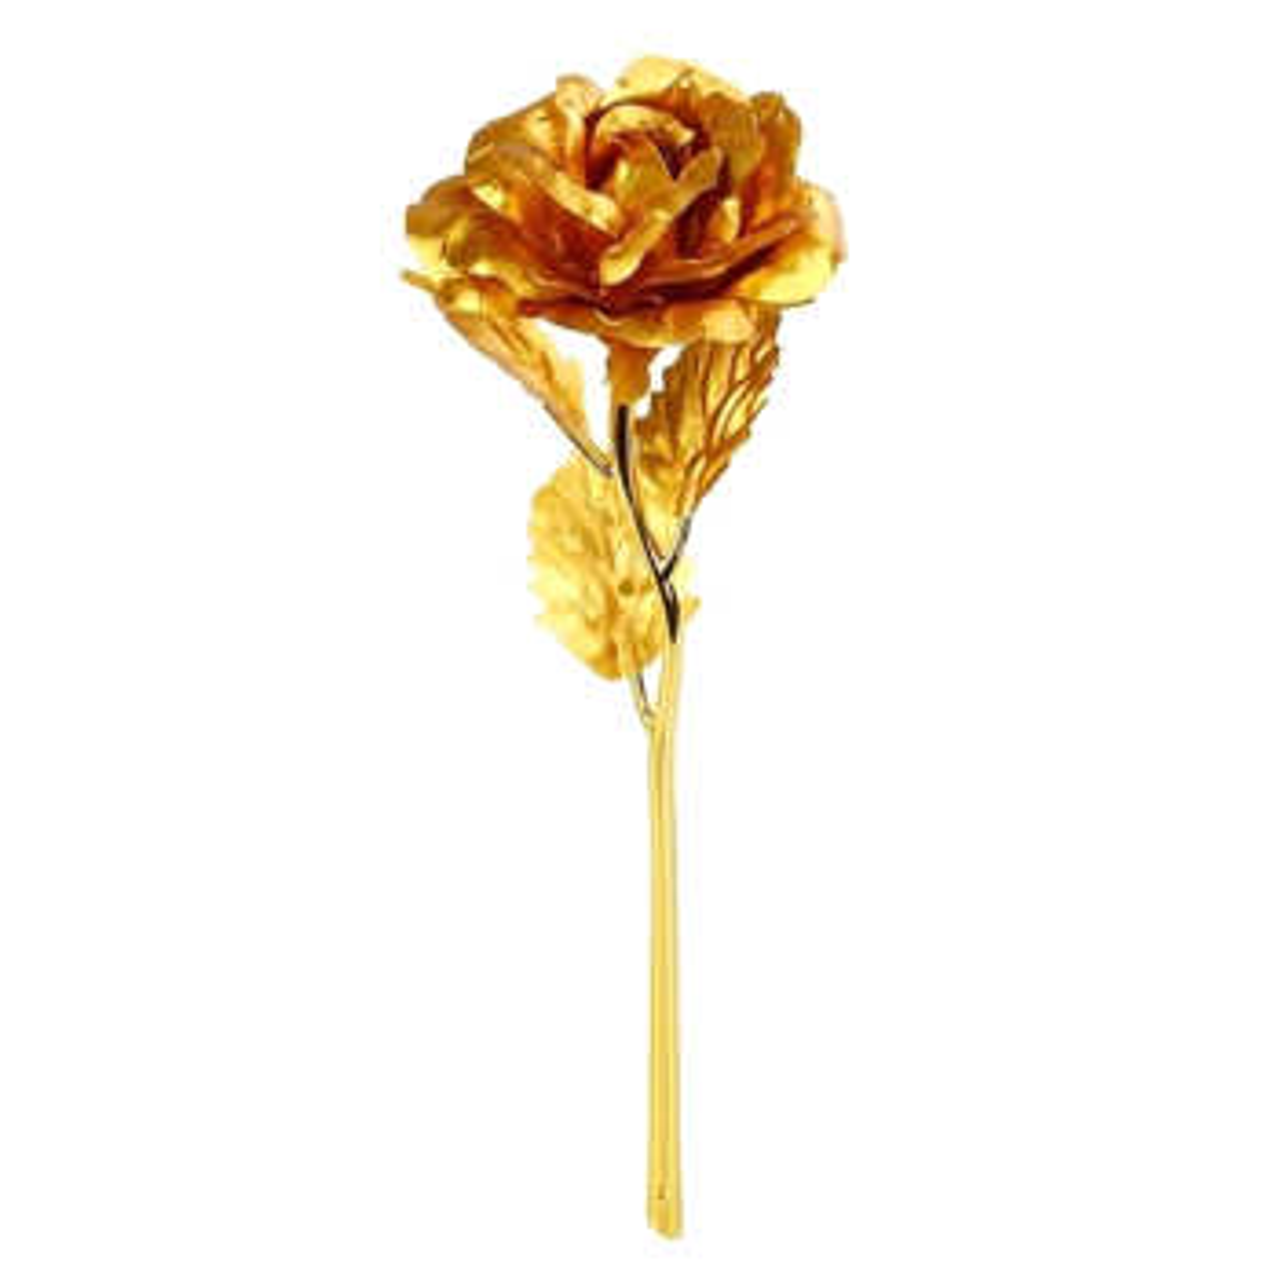 گل مصنوعی آلتین هنر کد 1396